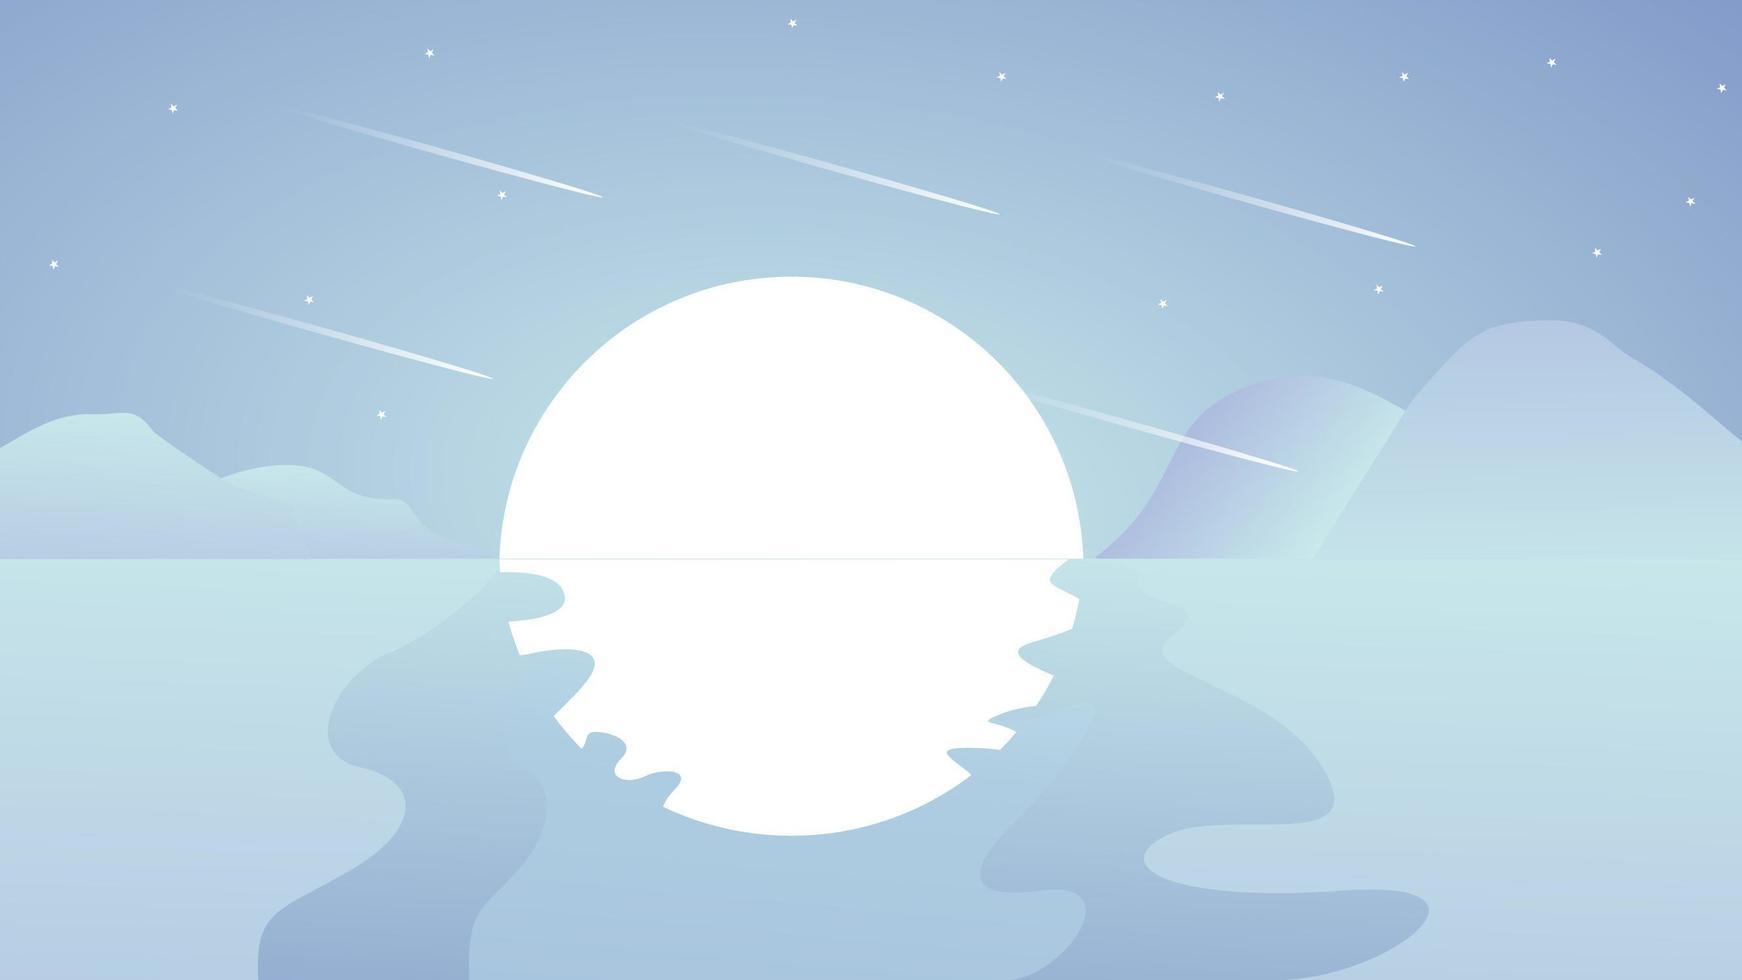 tonalità blu tramonto o luna sull'acqua scena vettore